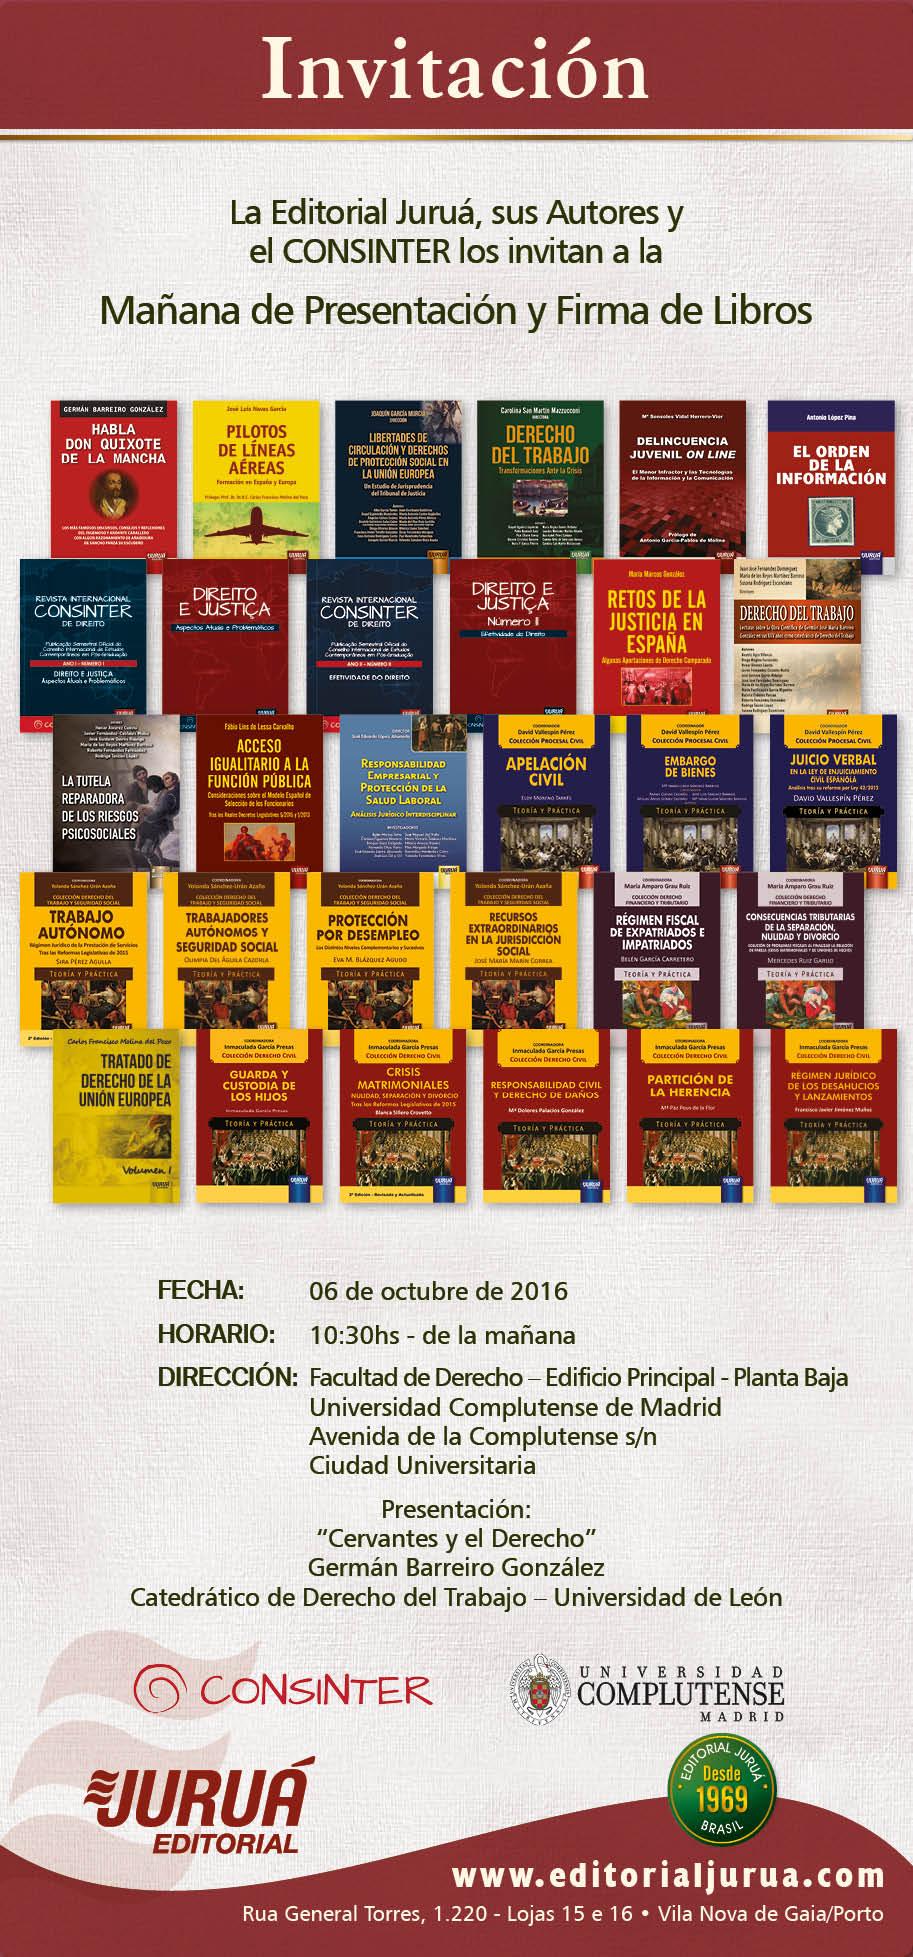 Convite para lançamentos - CONSINTER Madrid 2016